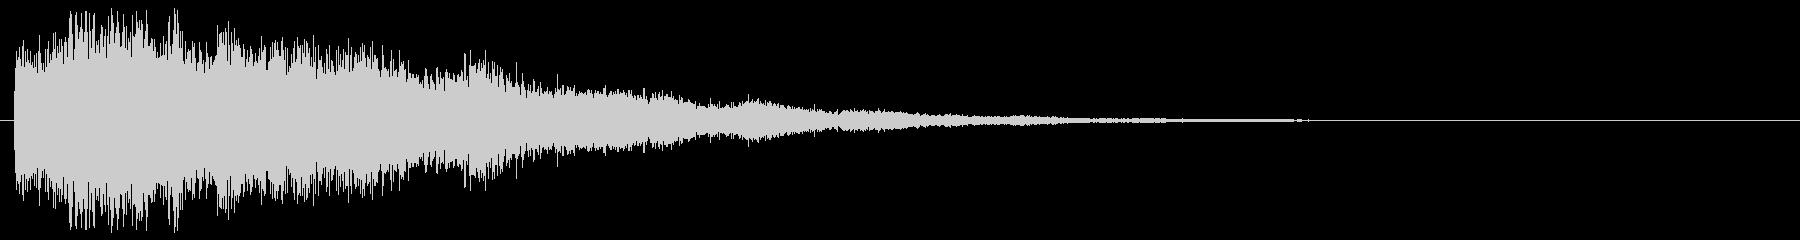 サイバーなミス音 不正解 ゲームオーバーの未再生の波形